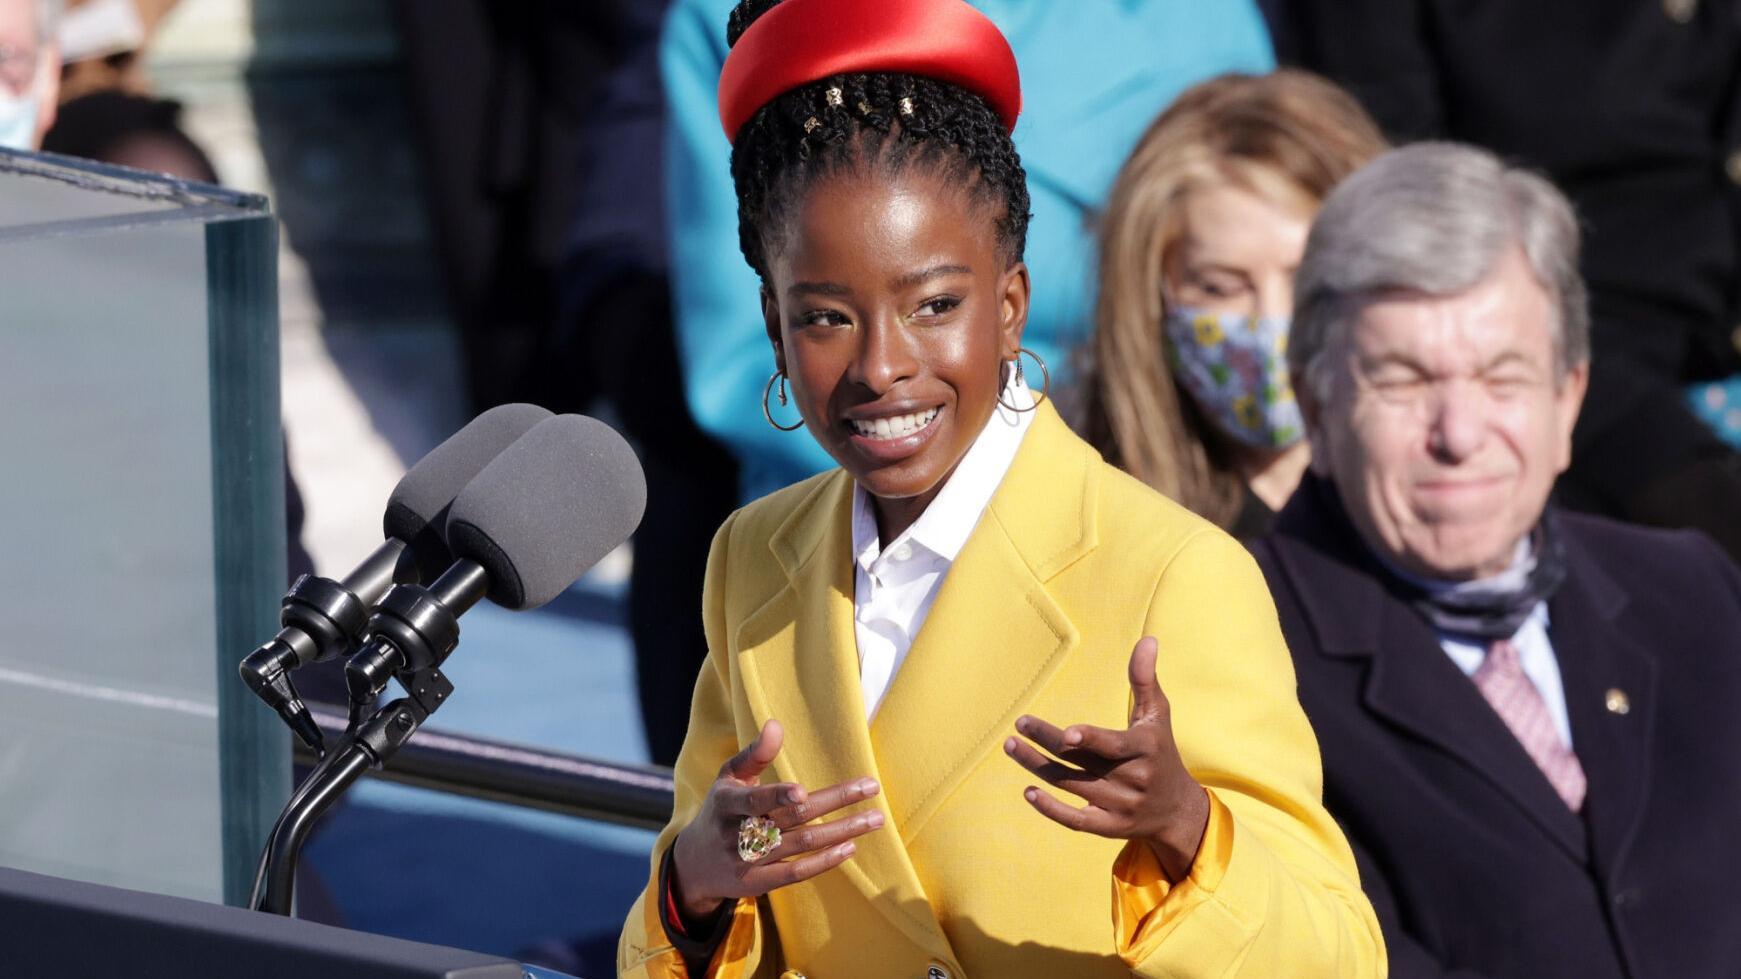 'Make the dream exist': How Amanda Gorman became an inauguration sensation